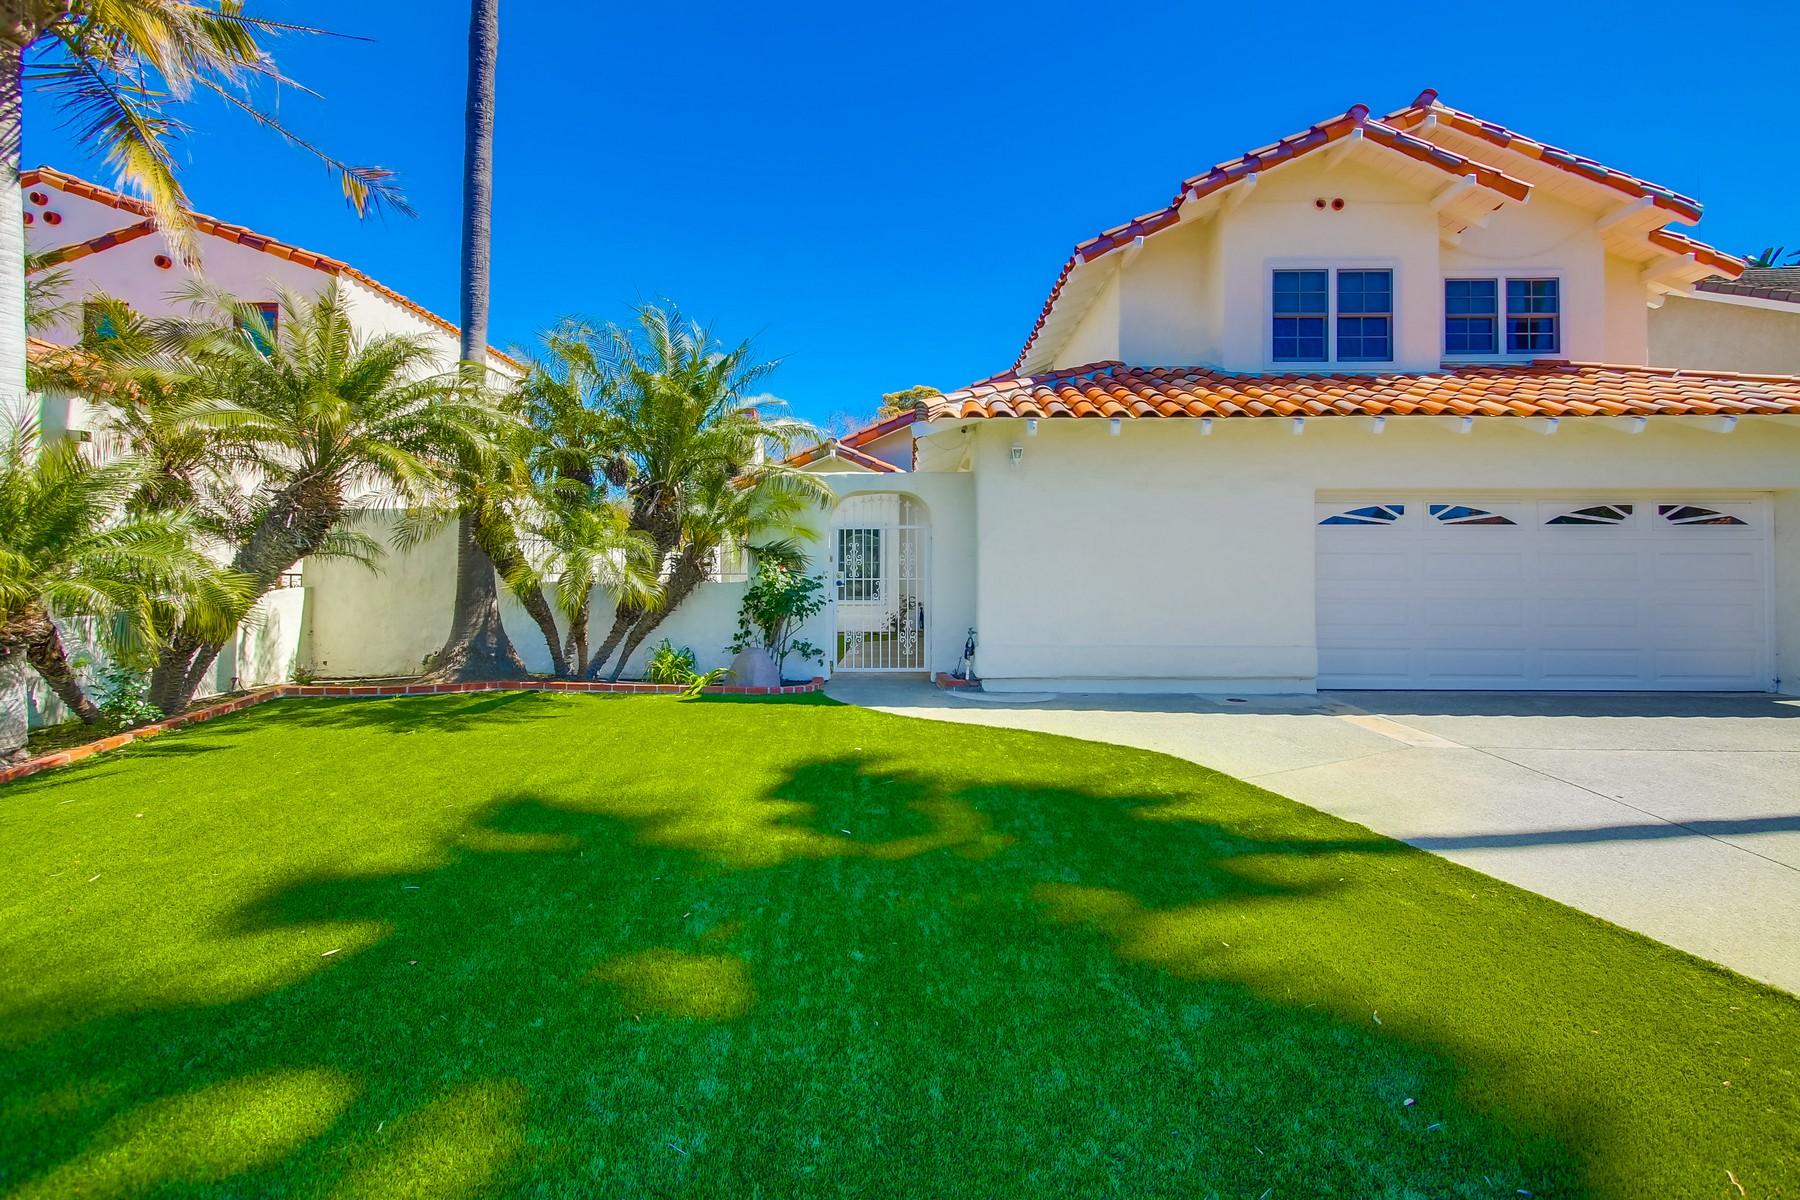 Propriété à vendre San Diego